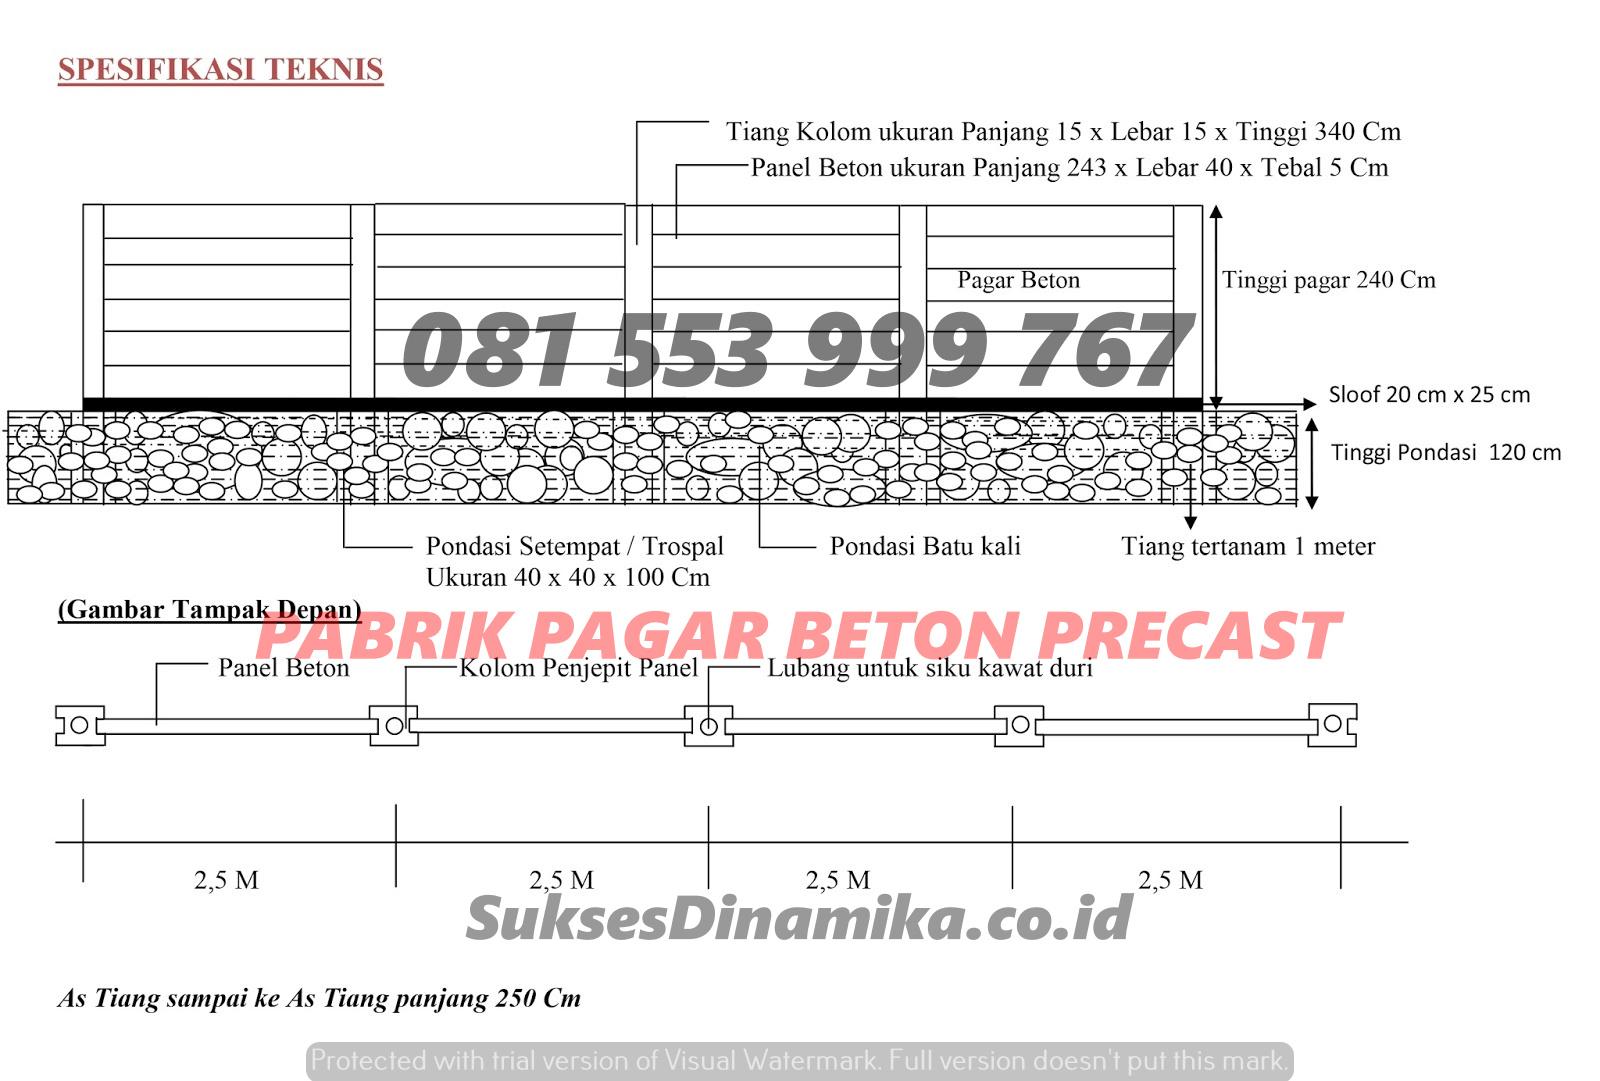 Harga Pagar Beton Mojokerto, Pabrik Tiang Beton